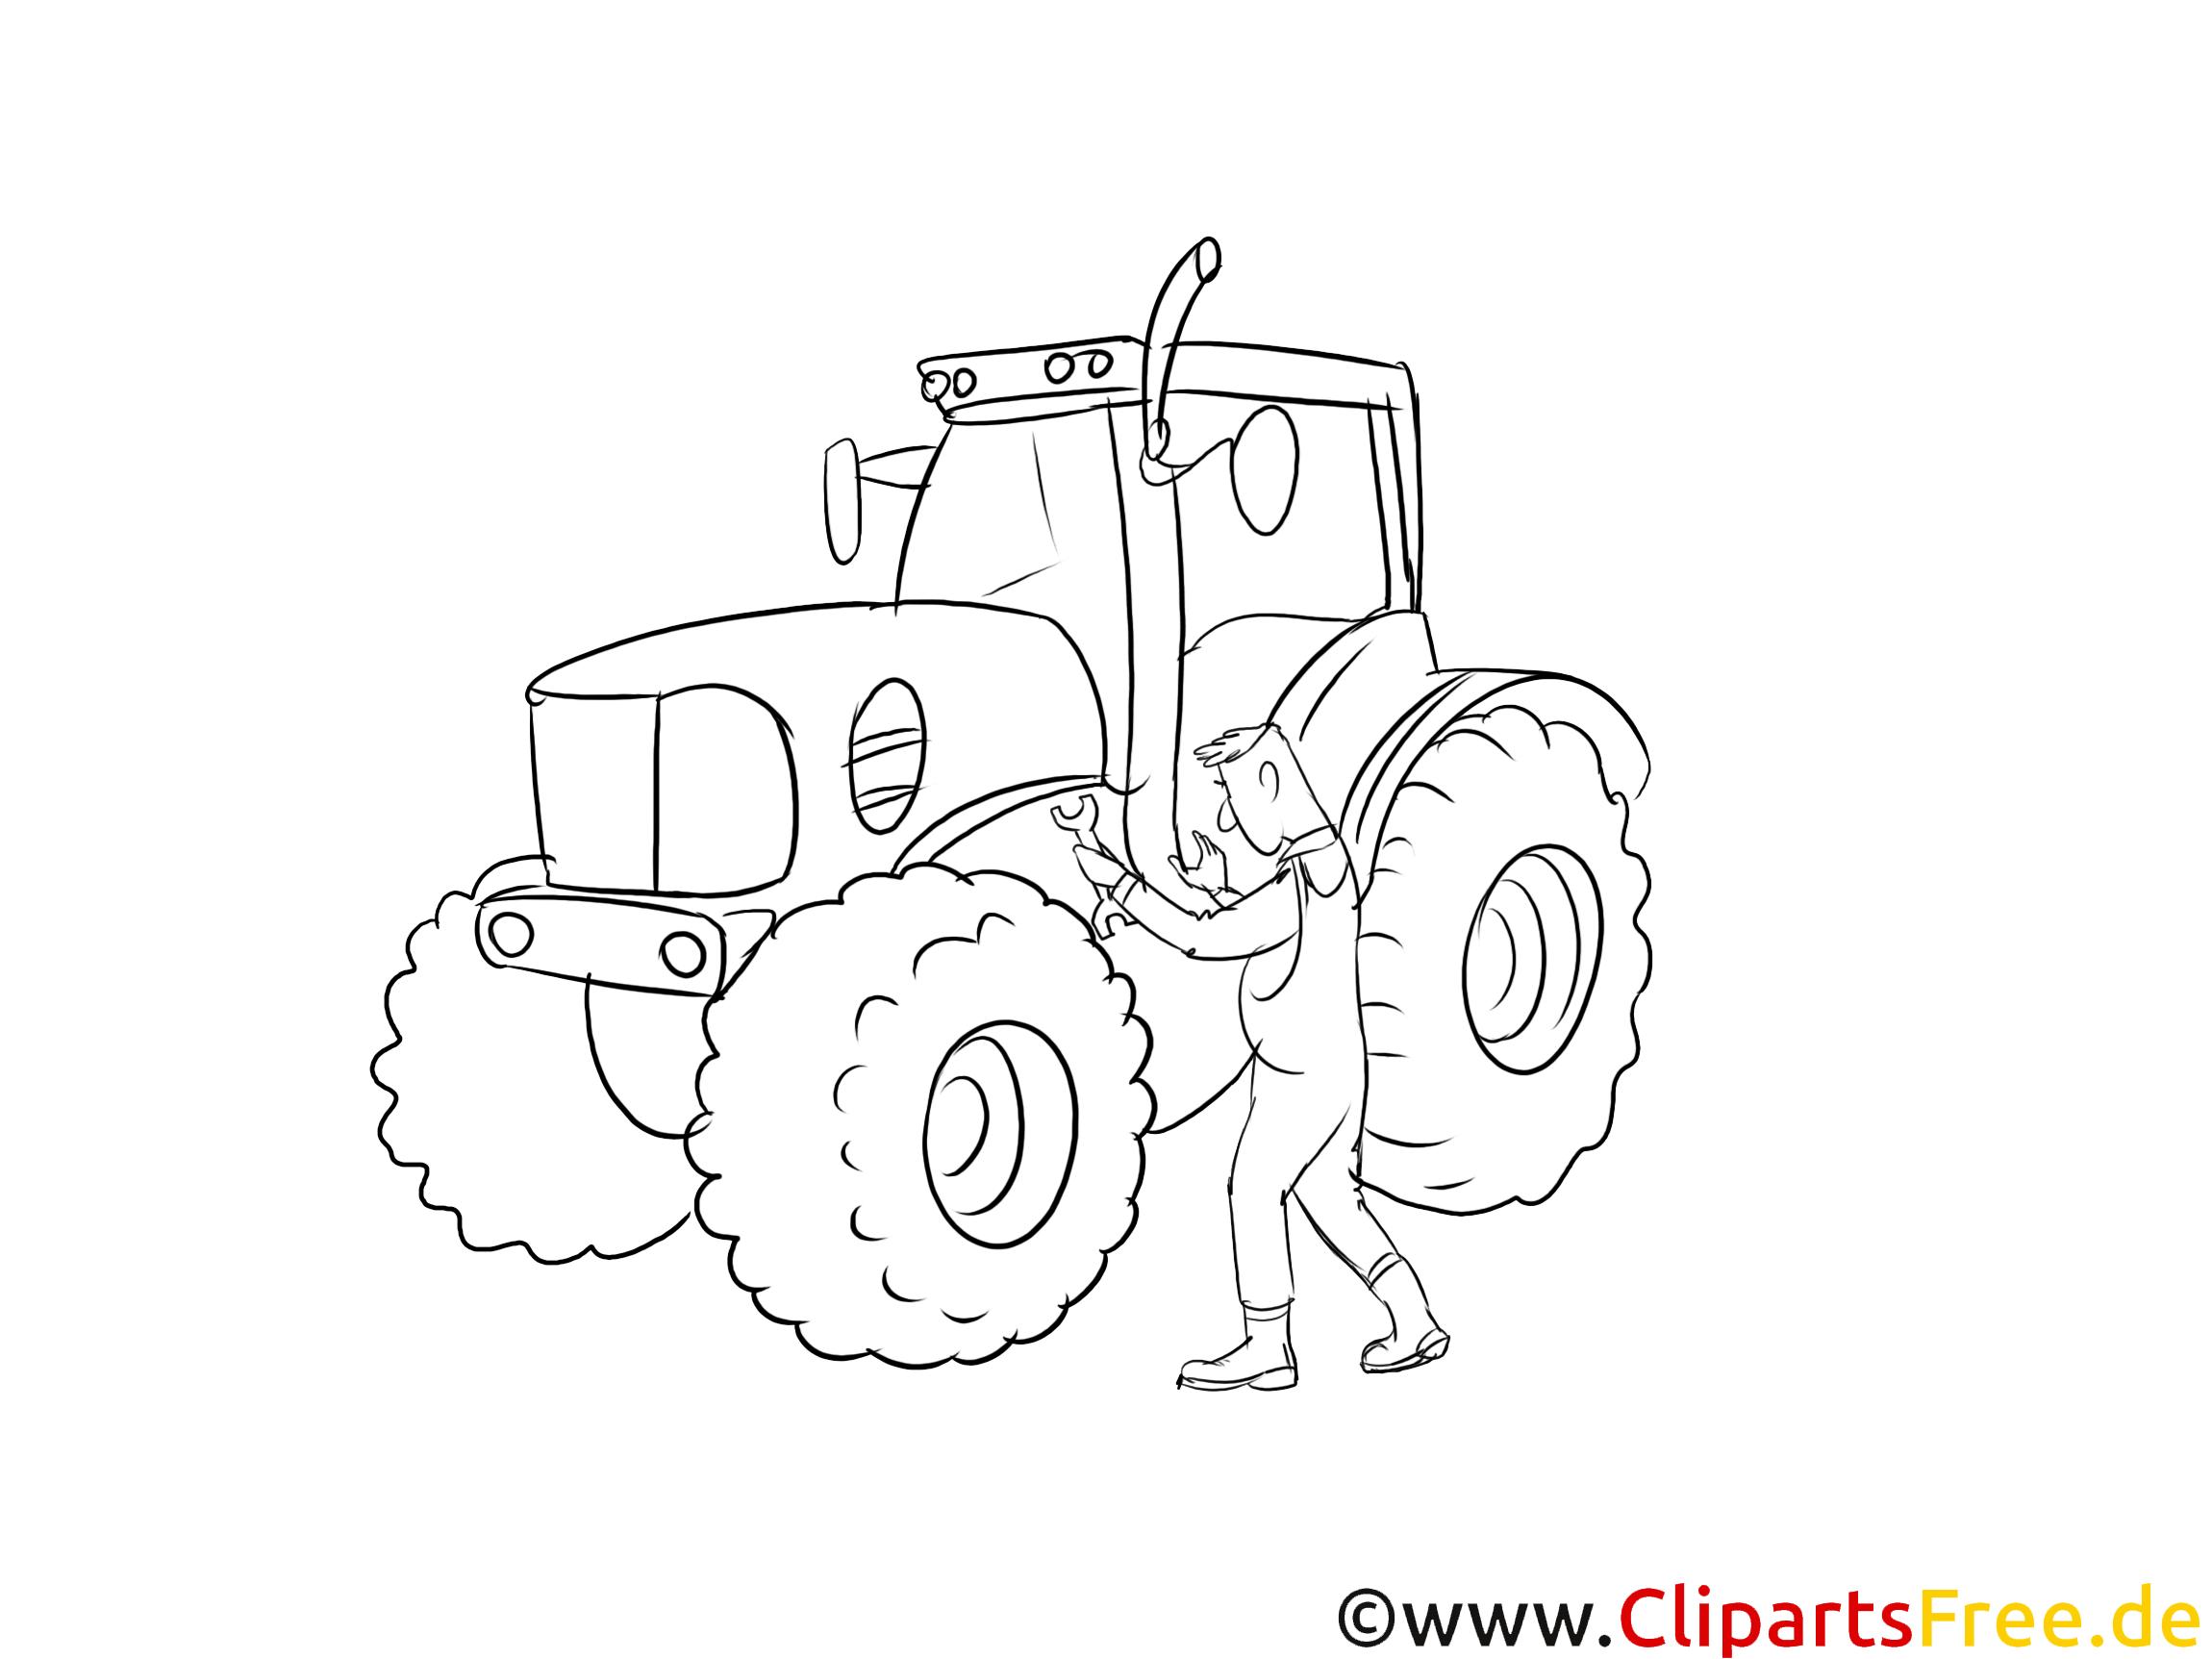 Land- und Baumaschinenmechatroniker Clipart, Grafik, Bild schwarz-weiß